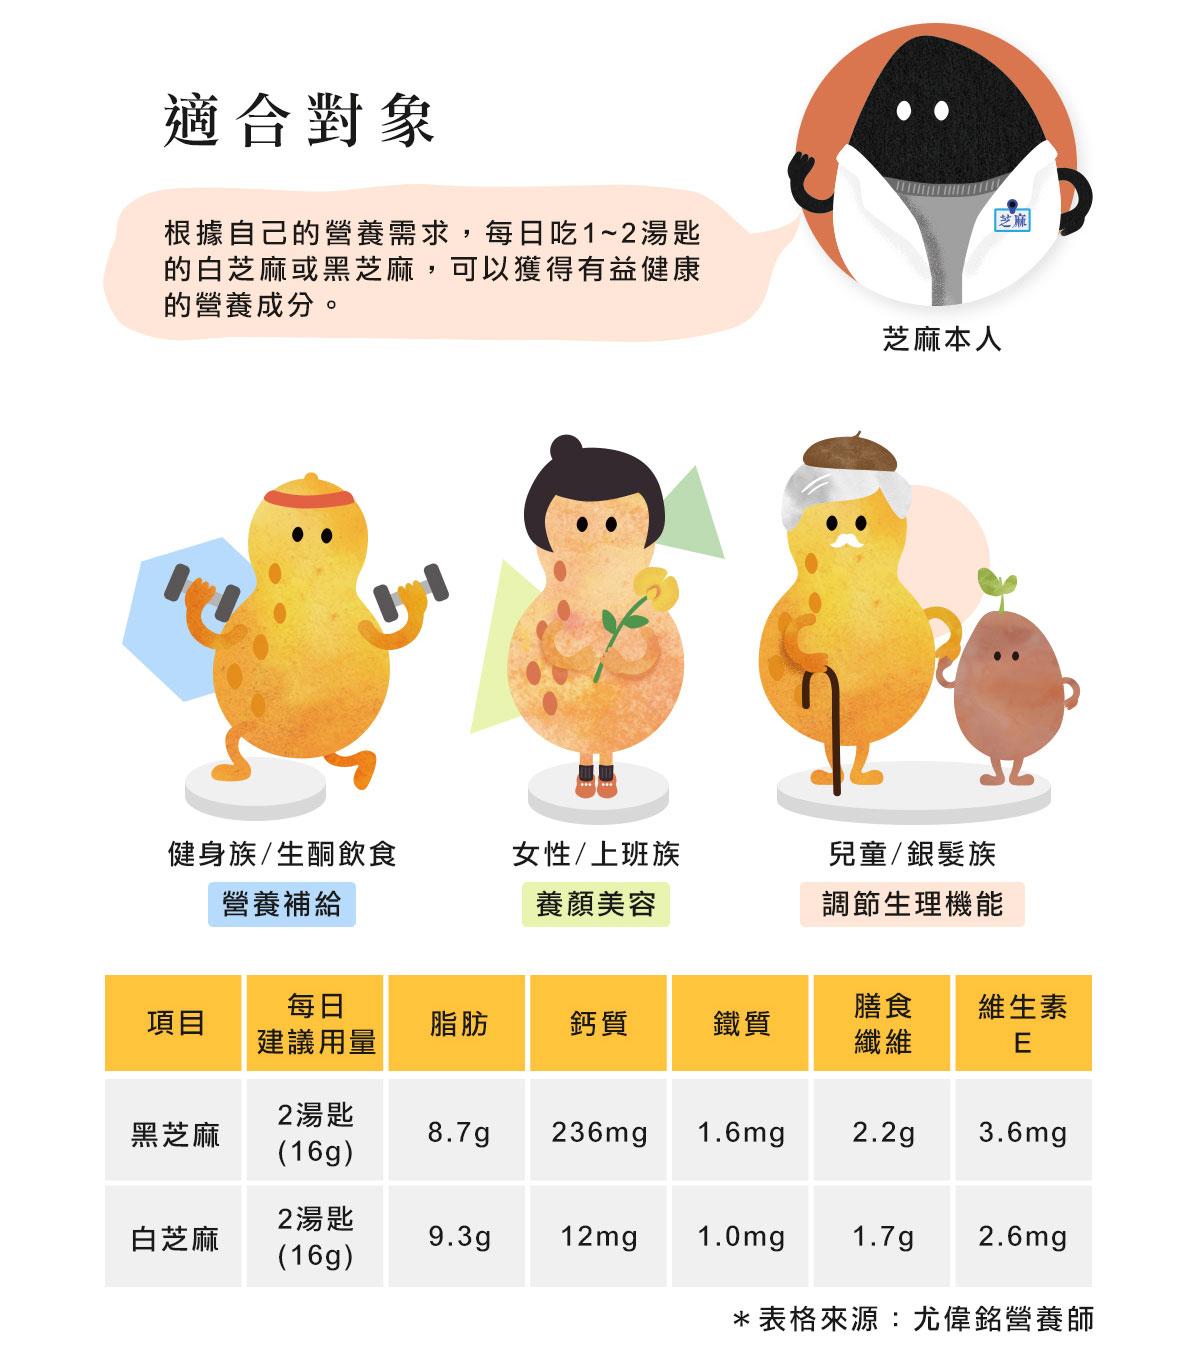 根據自己的營養需求,每日吃1~2湯匙的白芝麻或黑芝麻,可以獲得有益健康的營養成分。